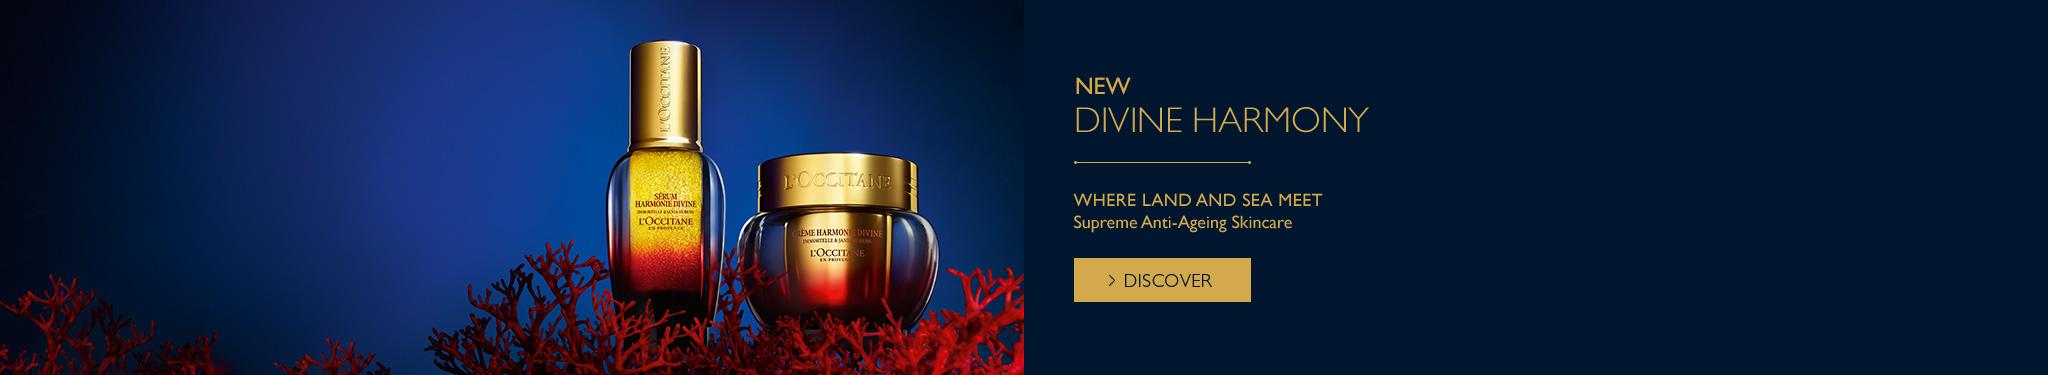 New Divine Harmony